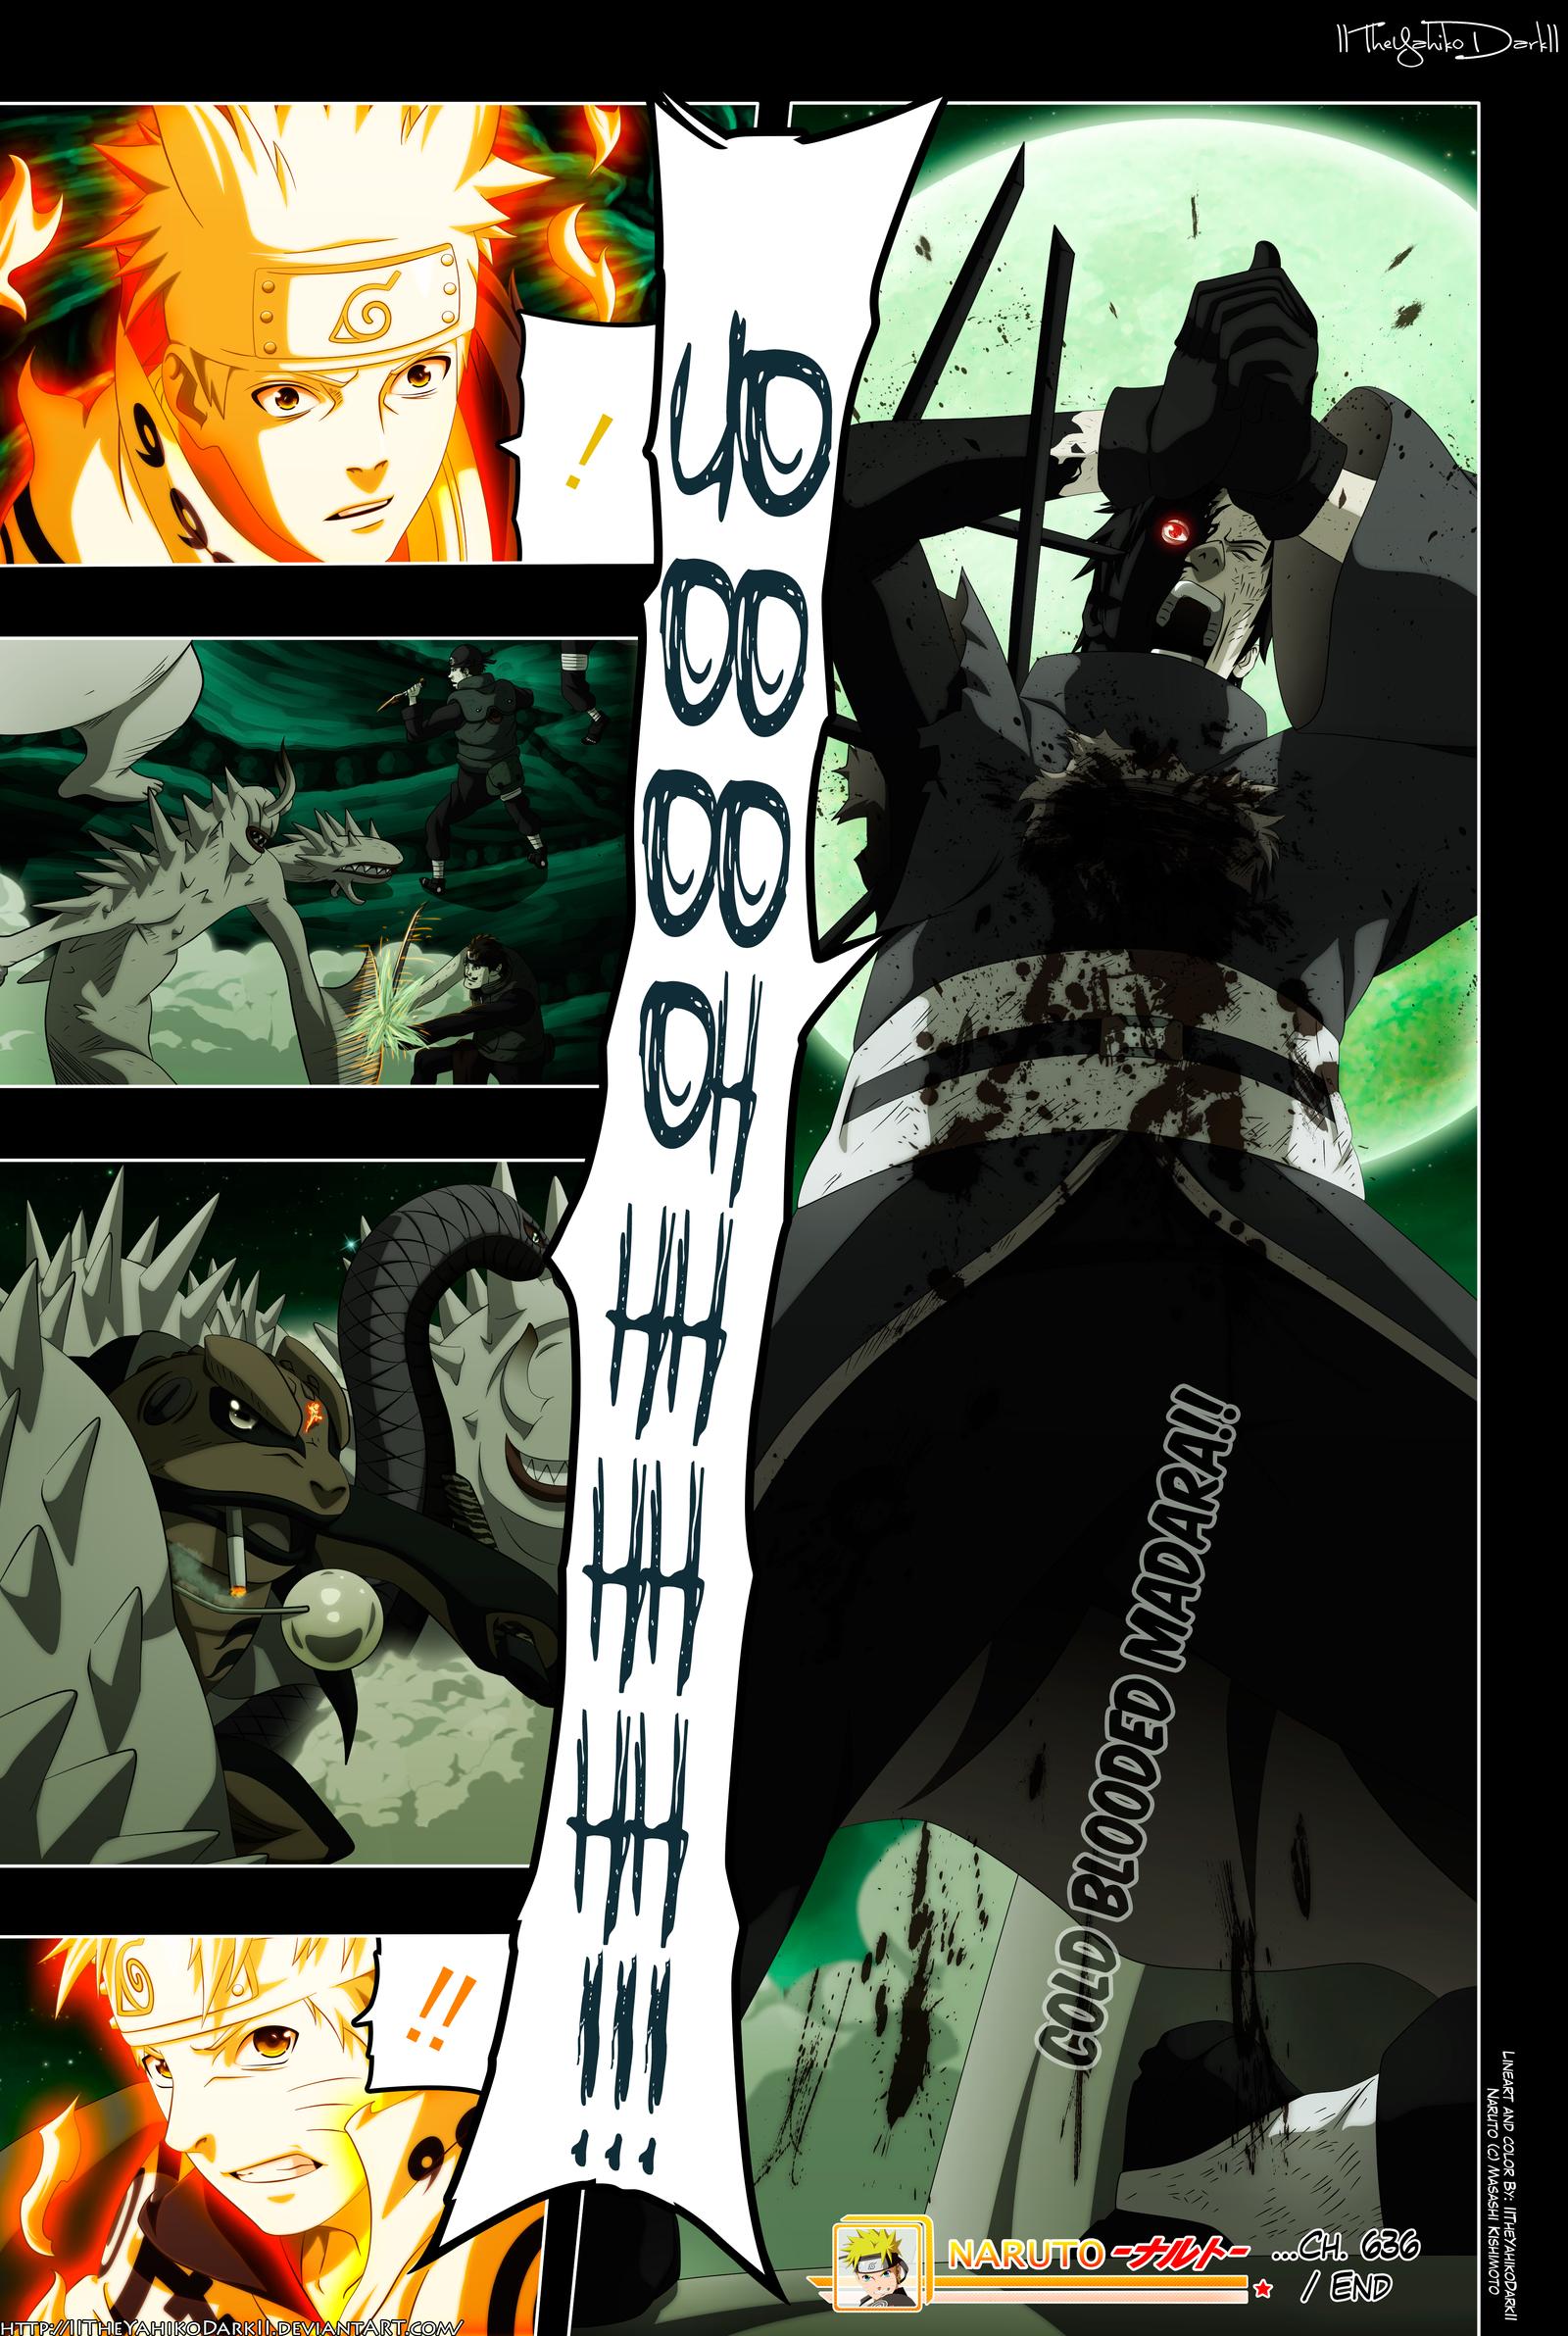 Naruto 636 My Life Your Death by IITheYahikoDarkII